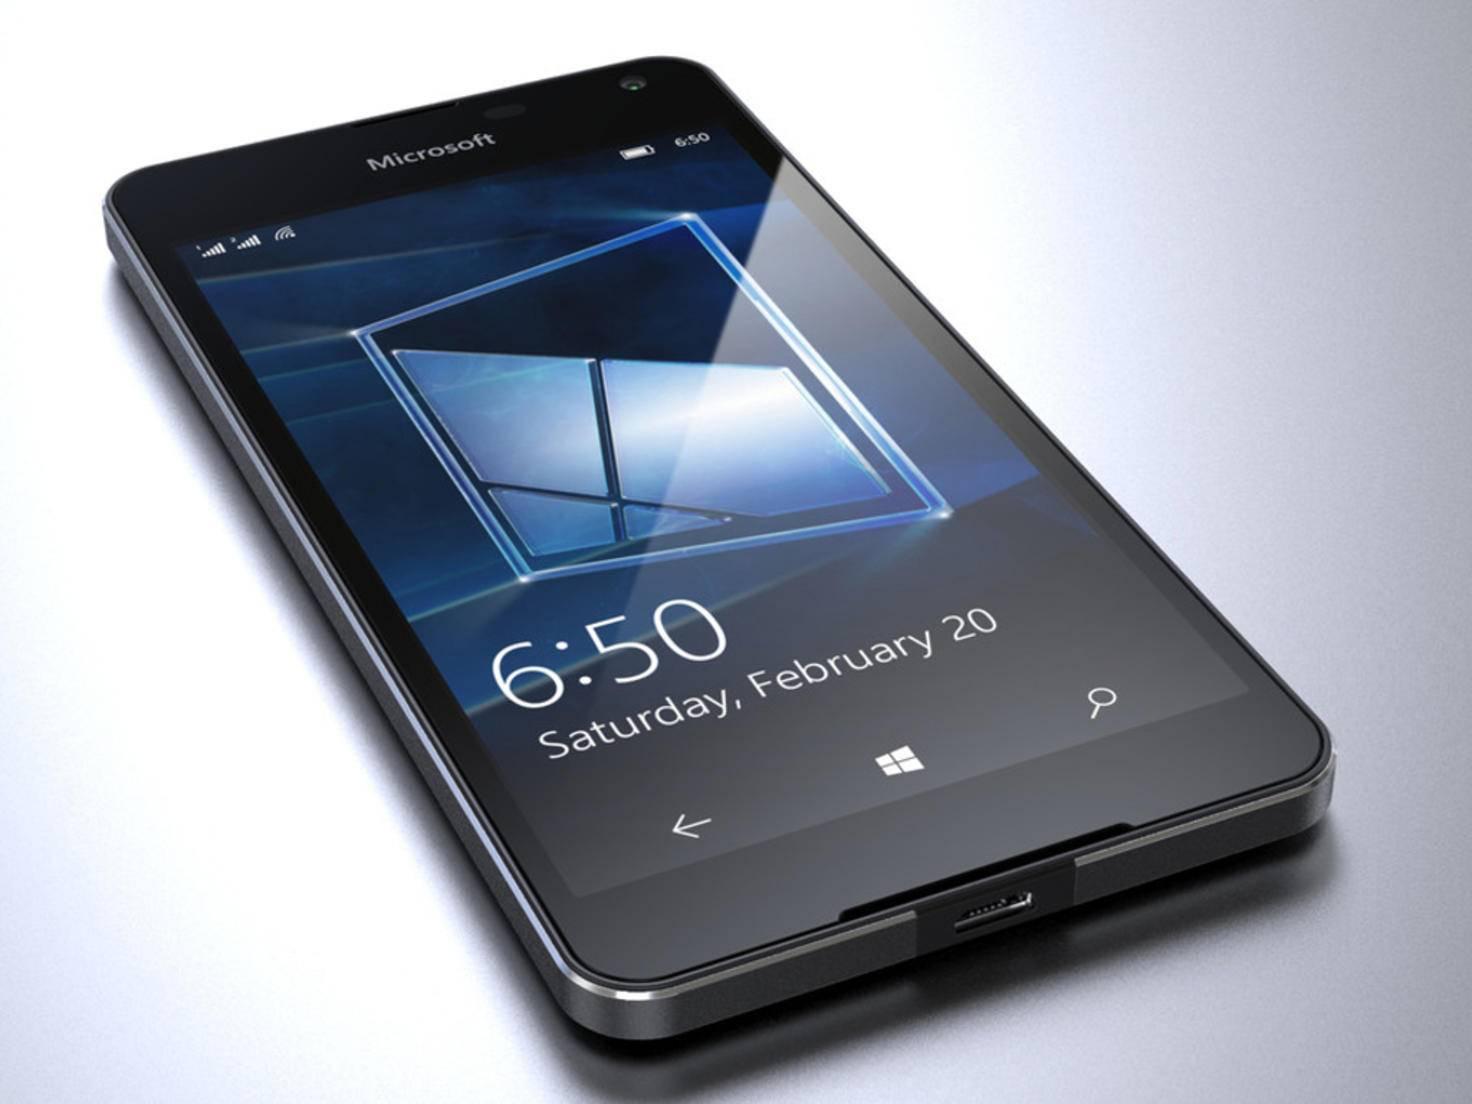 Kontakte vom Android-Smartphone exportieren: So geht's